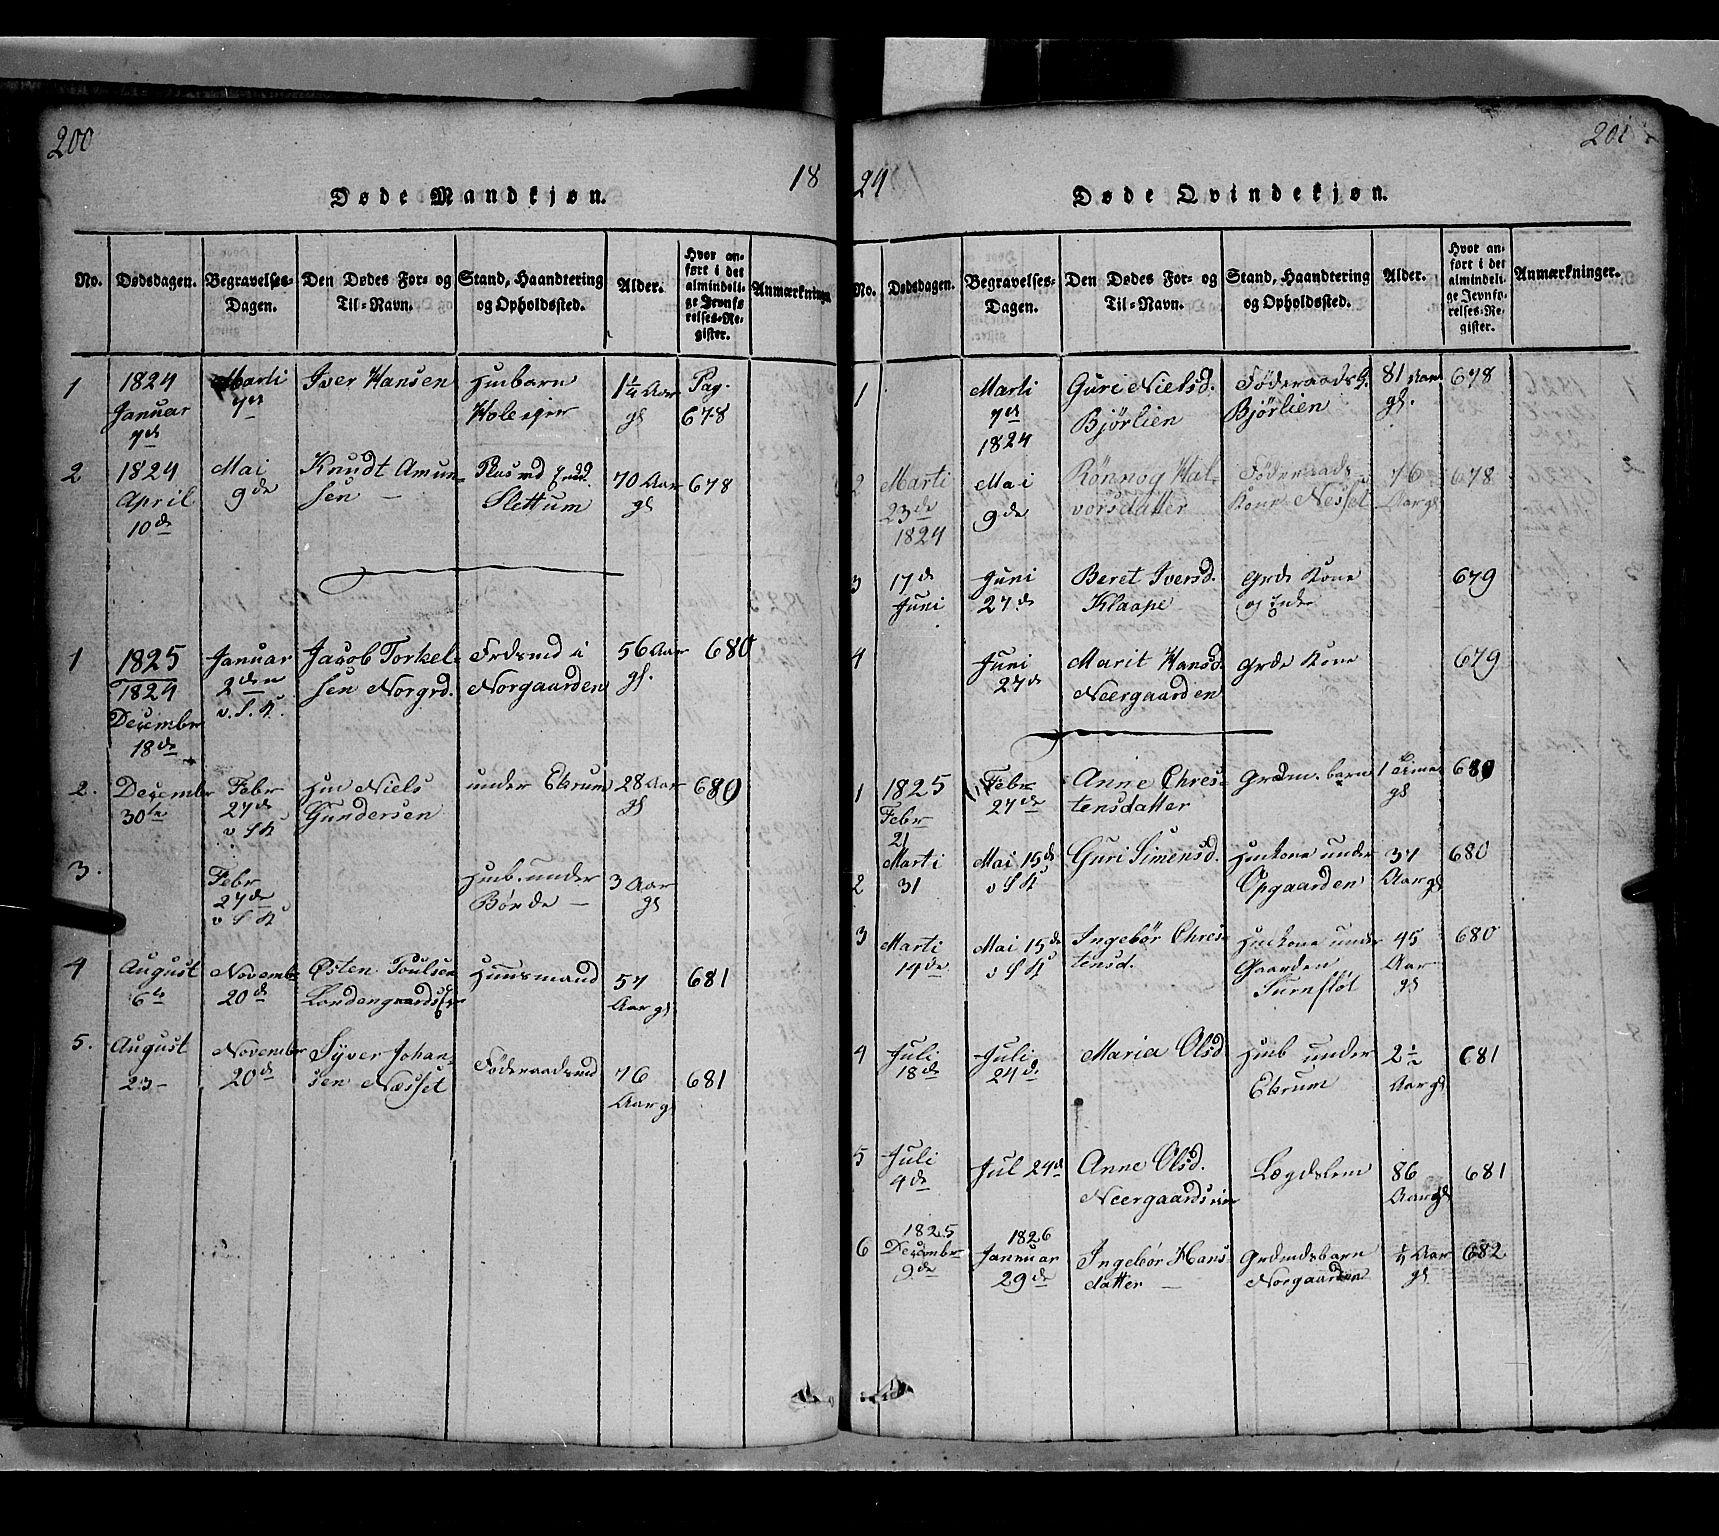 SAH, Gausdal prestekontor, Klokkerbok nr. 2, 1818-1874, s. 200-201